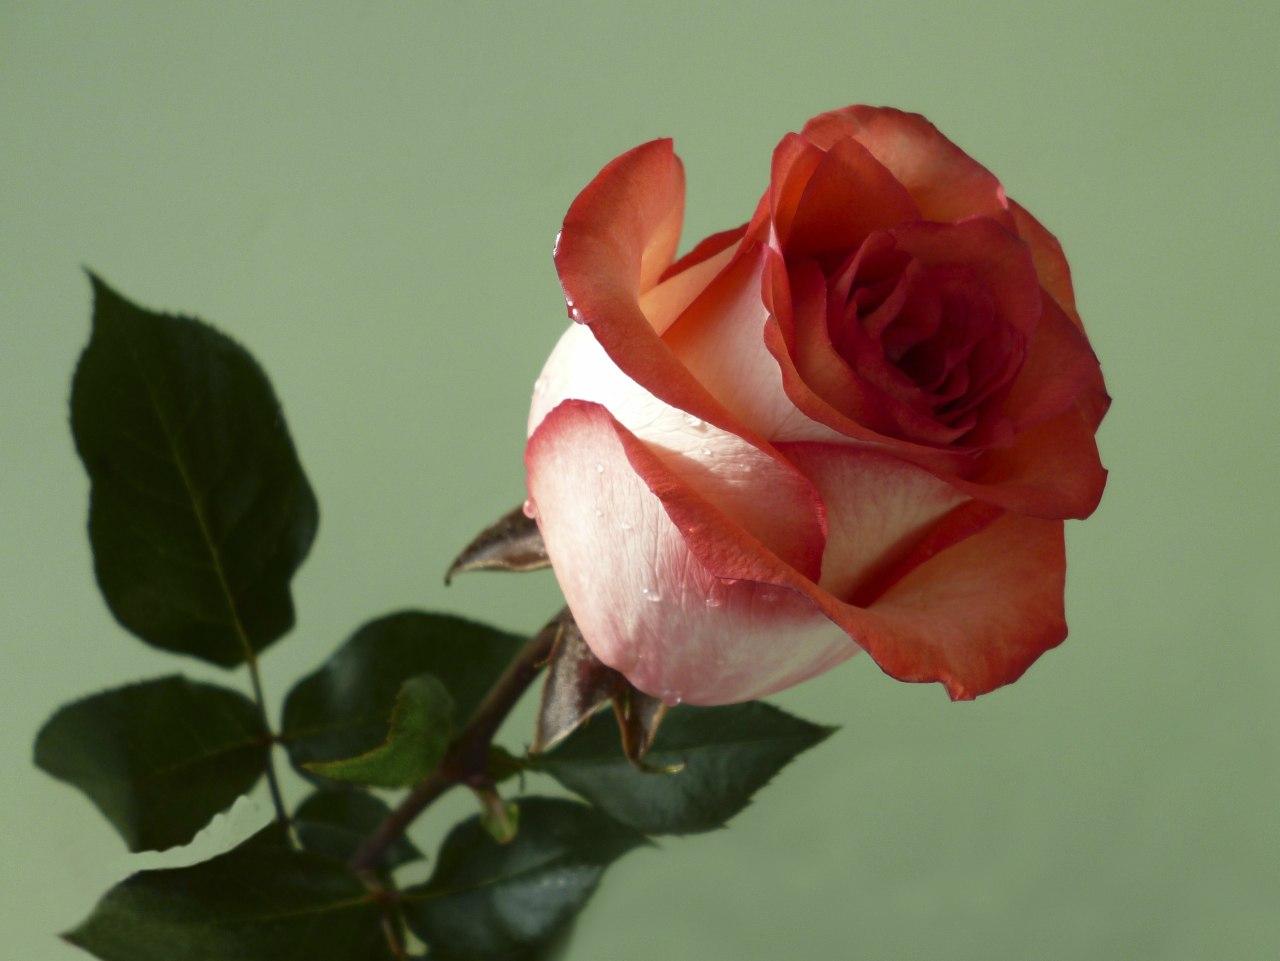 фильмы игры открытка розы для люды сделать открытку, возьмите